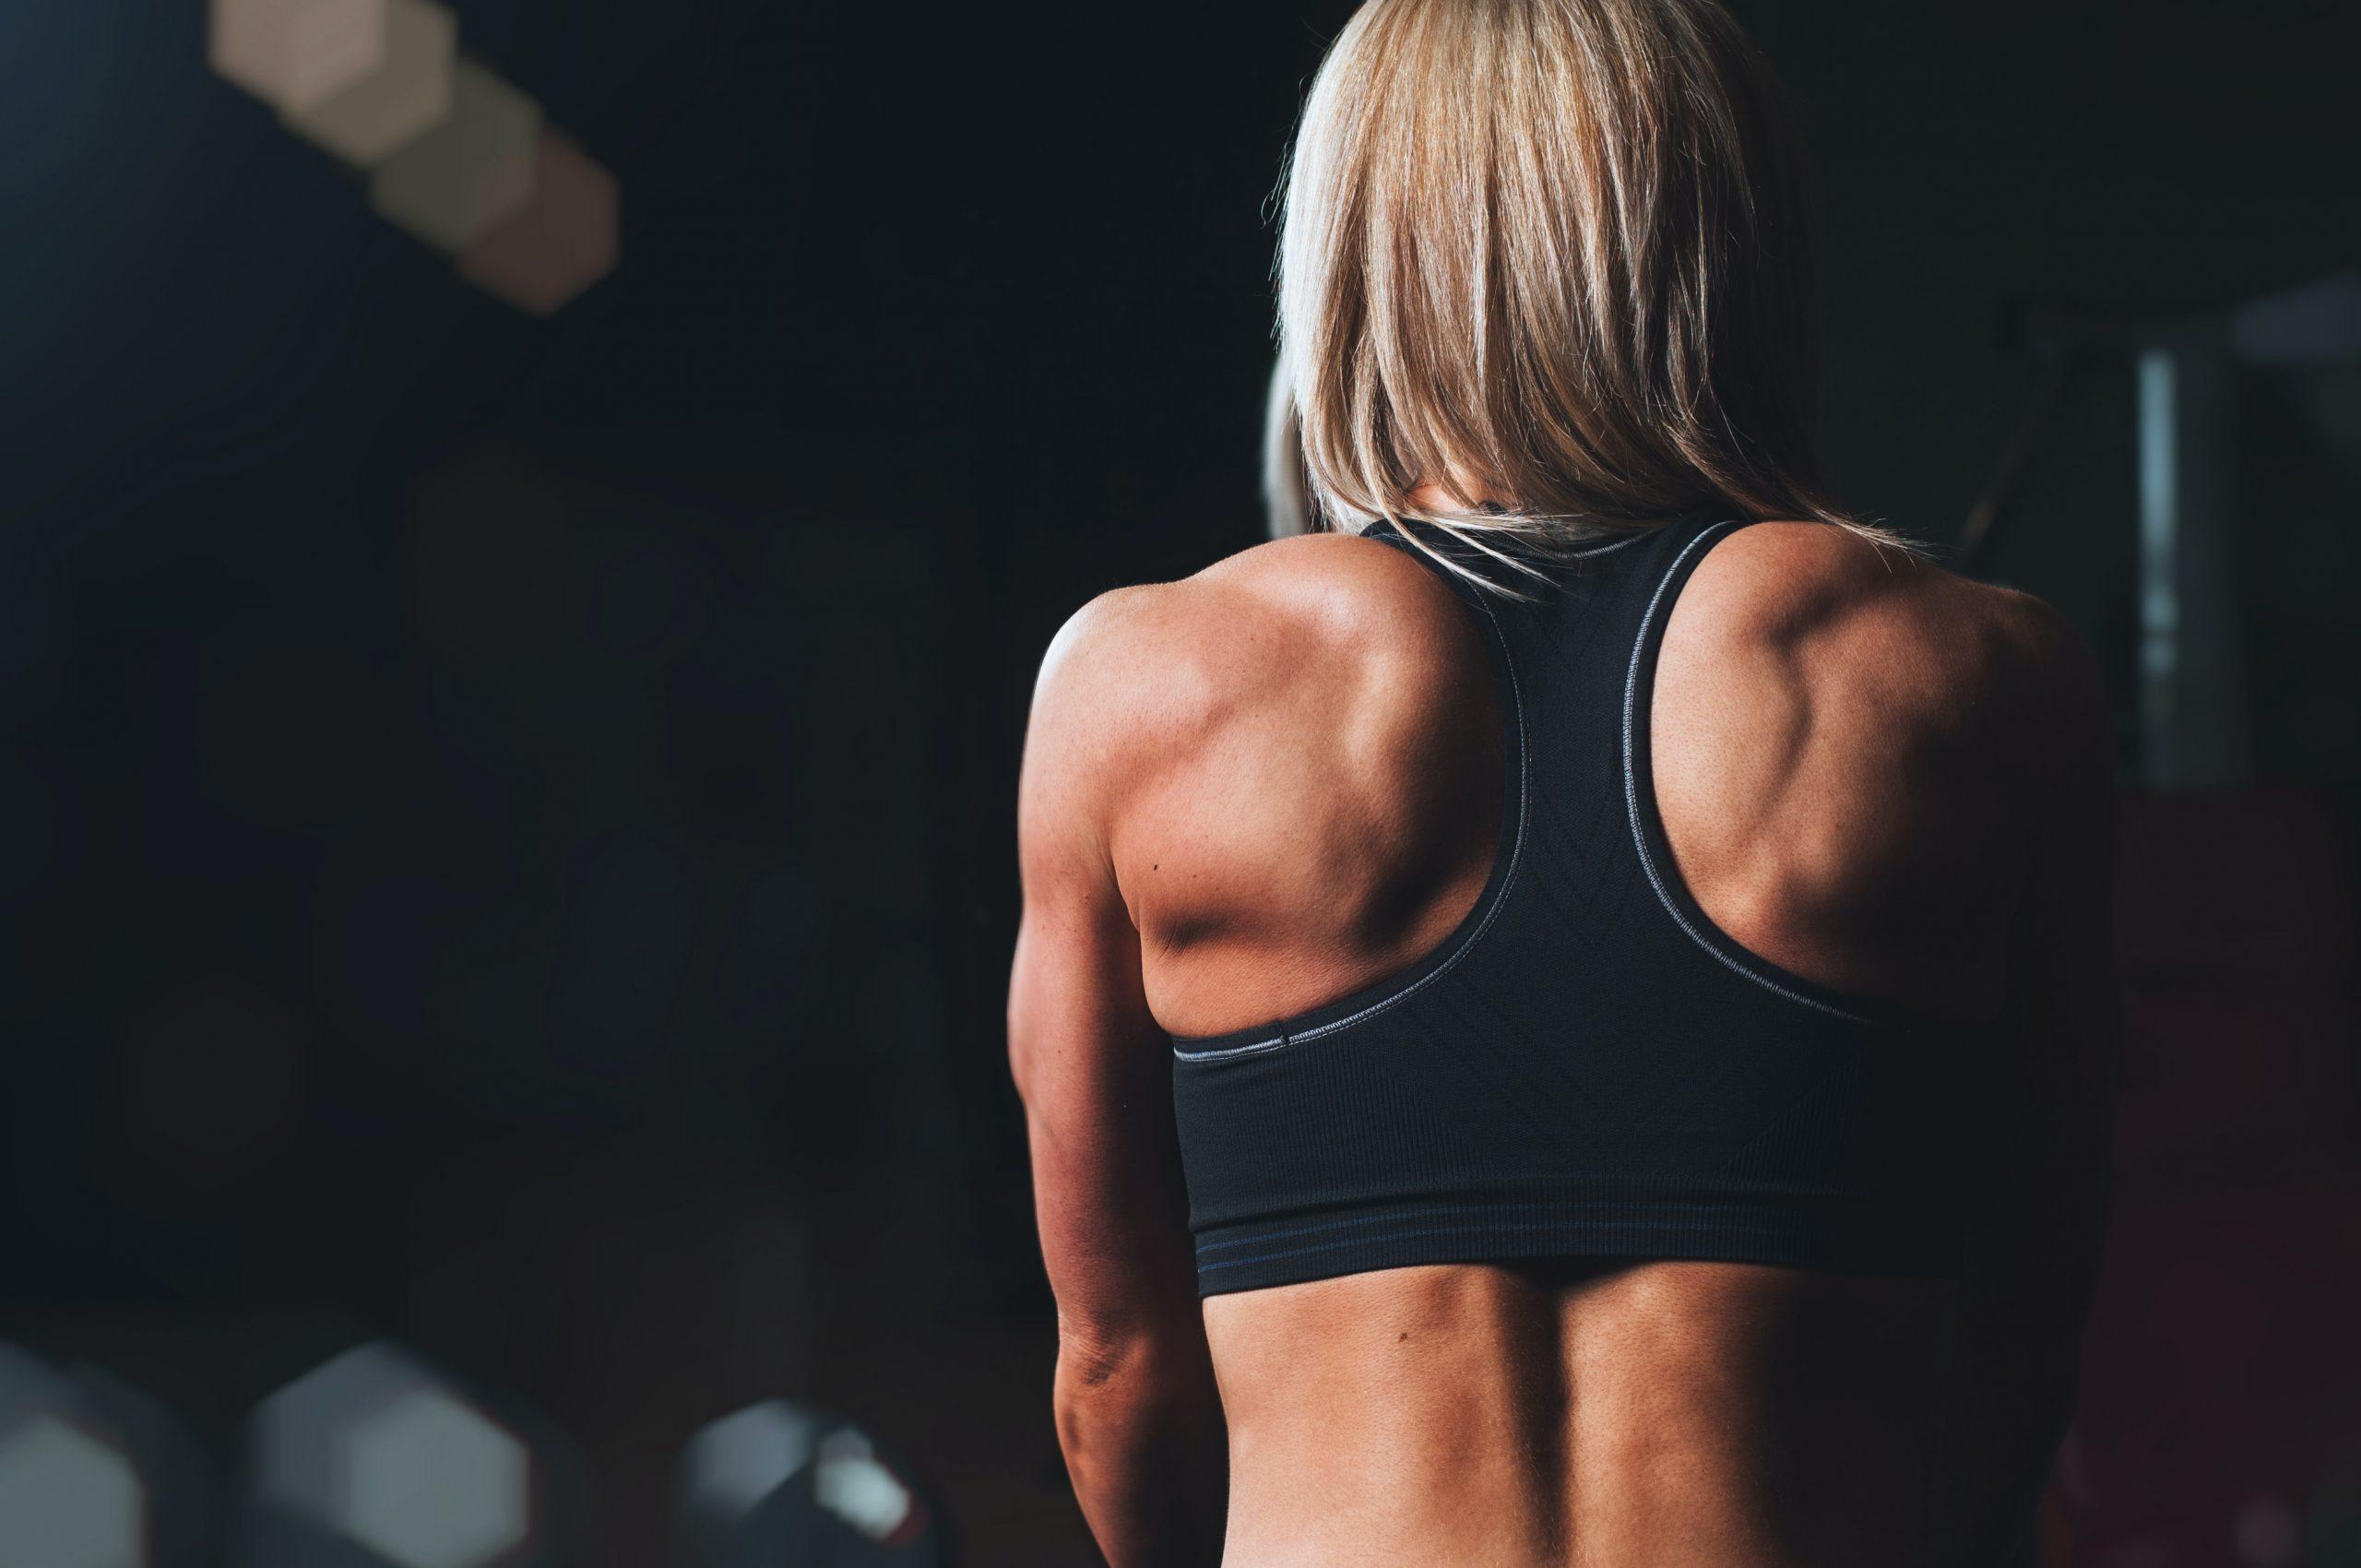 Una mujer atlética de espaldas